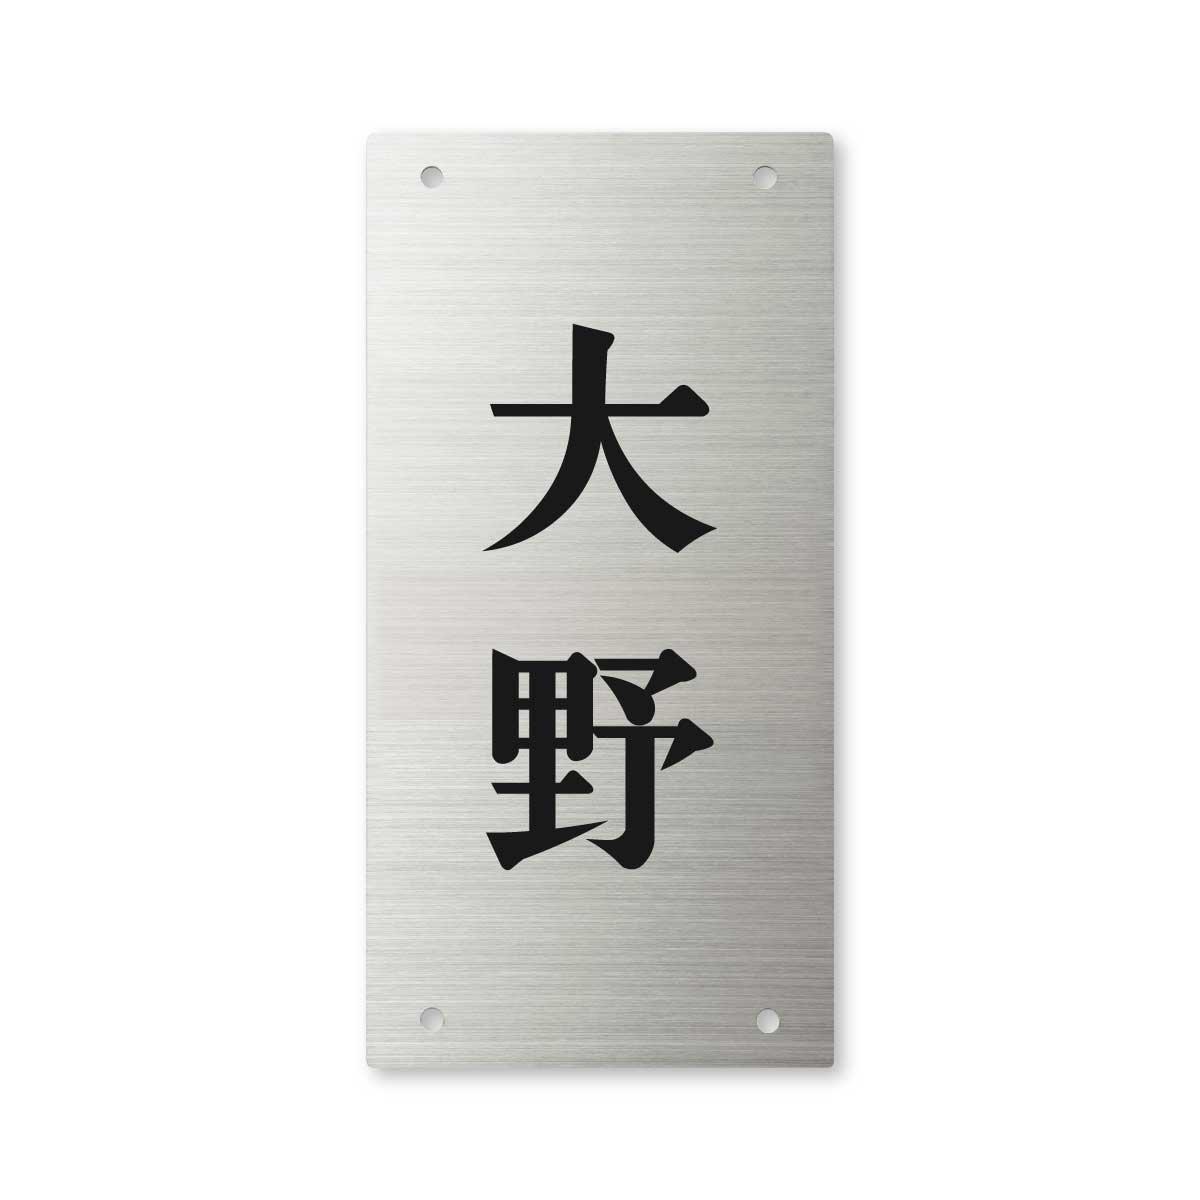 丸三タカギ 彫り込み済表札 【 大野 】 完成品 エクステリアメーカー対応 SIC-S-2-2-大野   B00RGHD04S